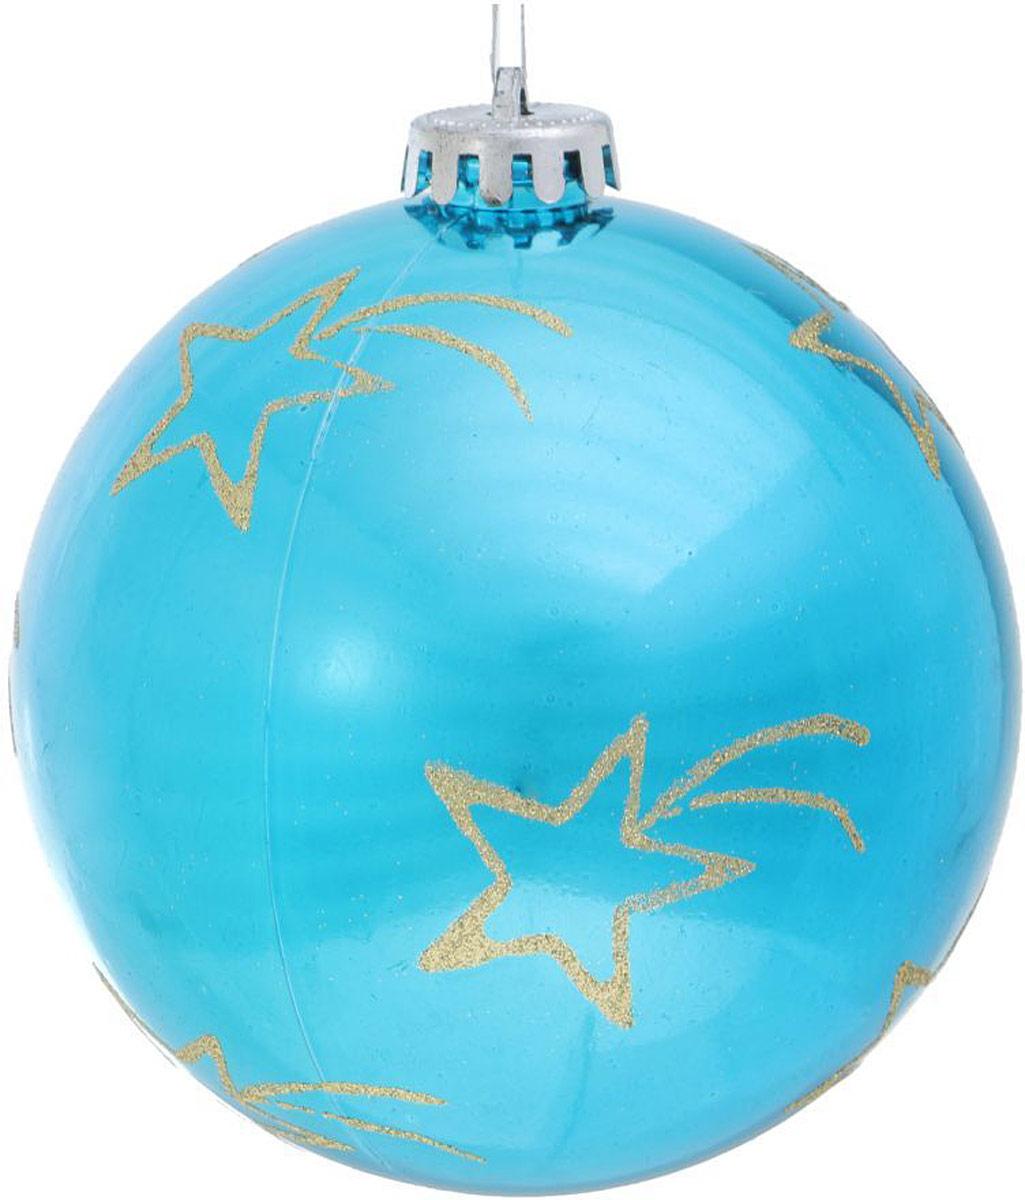 Украшение новогоднее подвесное Sima-land Комета, диаметр 12 см новогоднее подвесное украшение sima land зимний узор диаметр 10 см